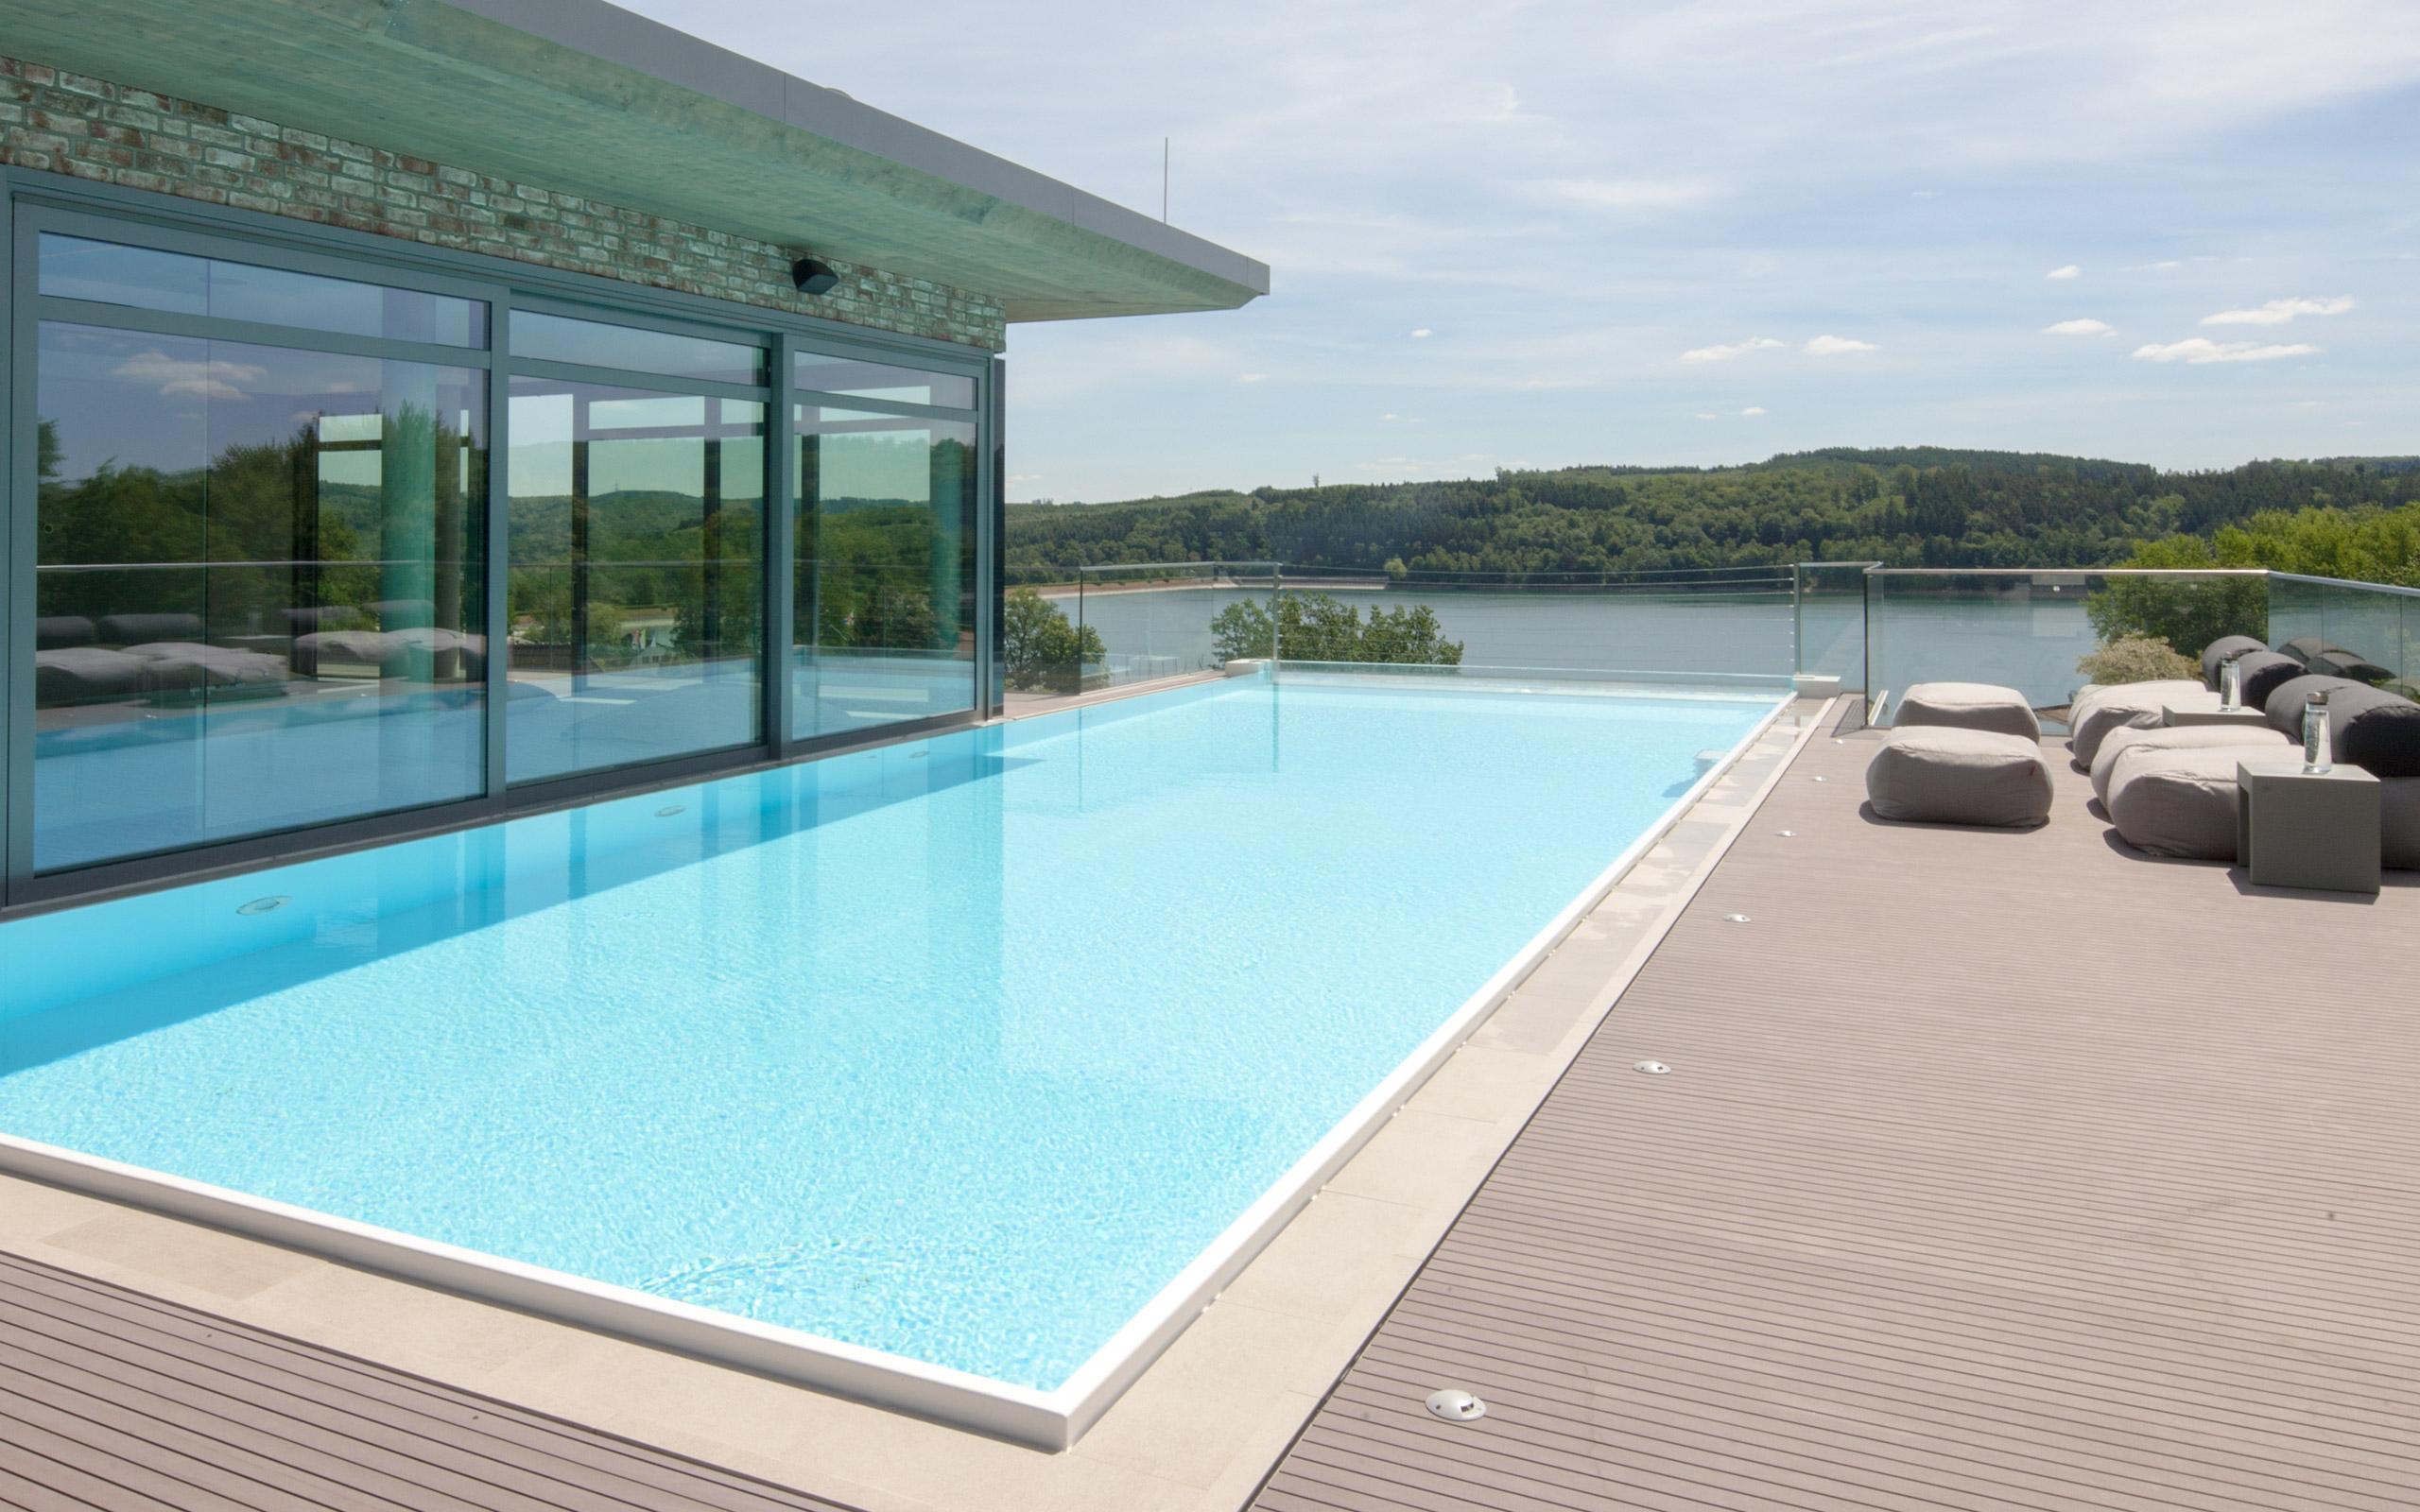 hoch hinaus dachterrassen pool mit panorama glasscheibe. Black Bedroom Furniture Sets. Home Design Ideas